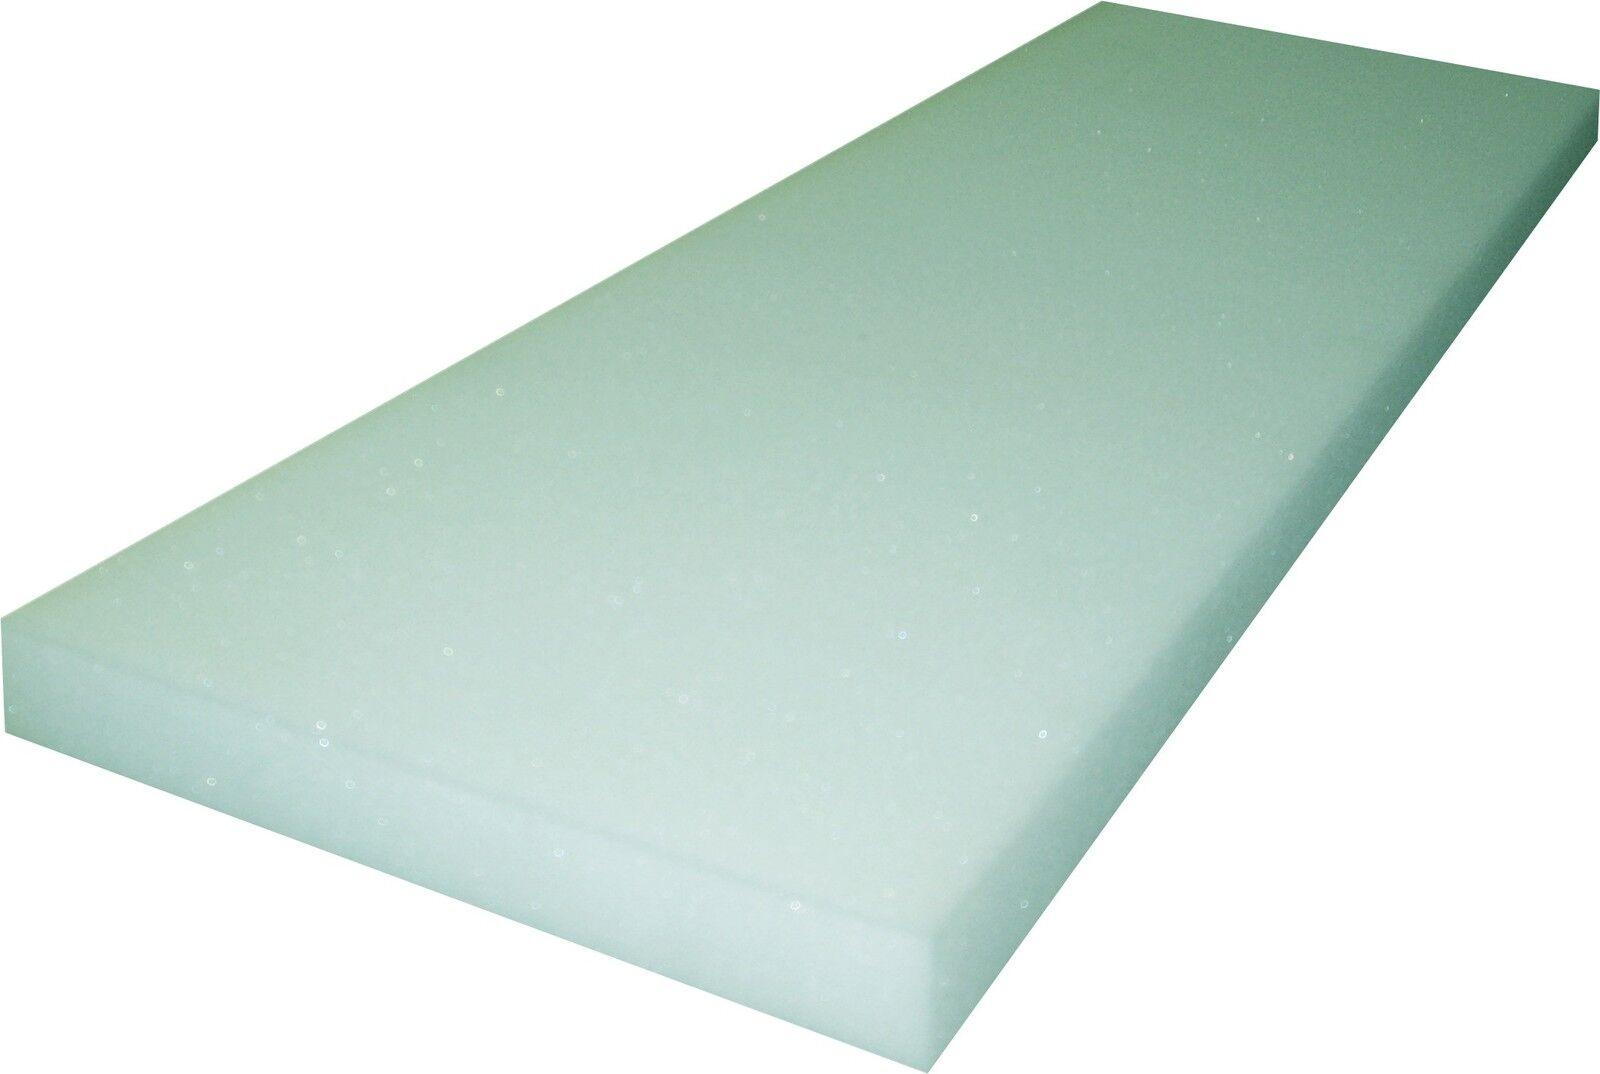 Schaumstoffplatte Schaumgummi Matratze fest 100/200 cm RG 40